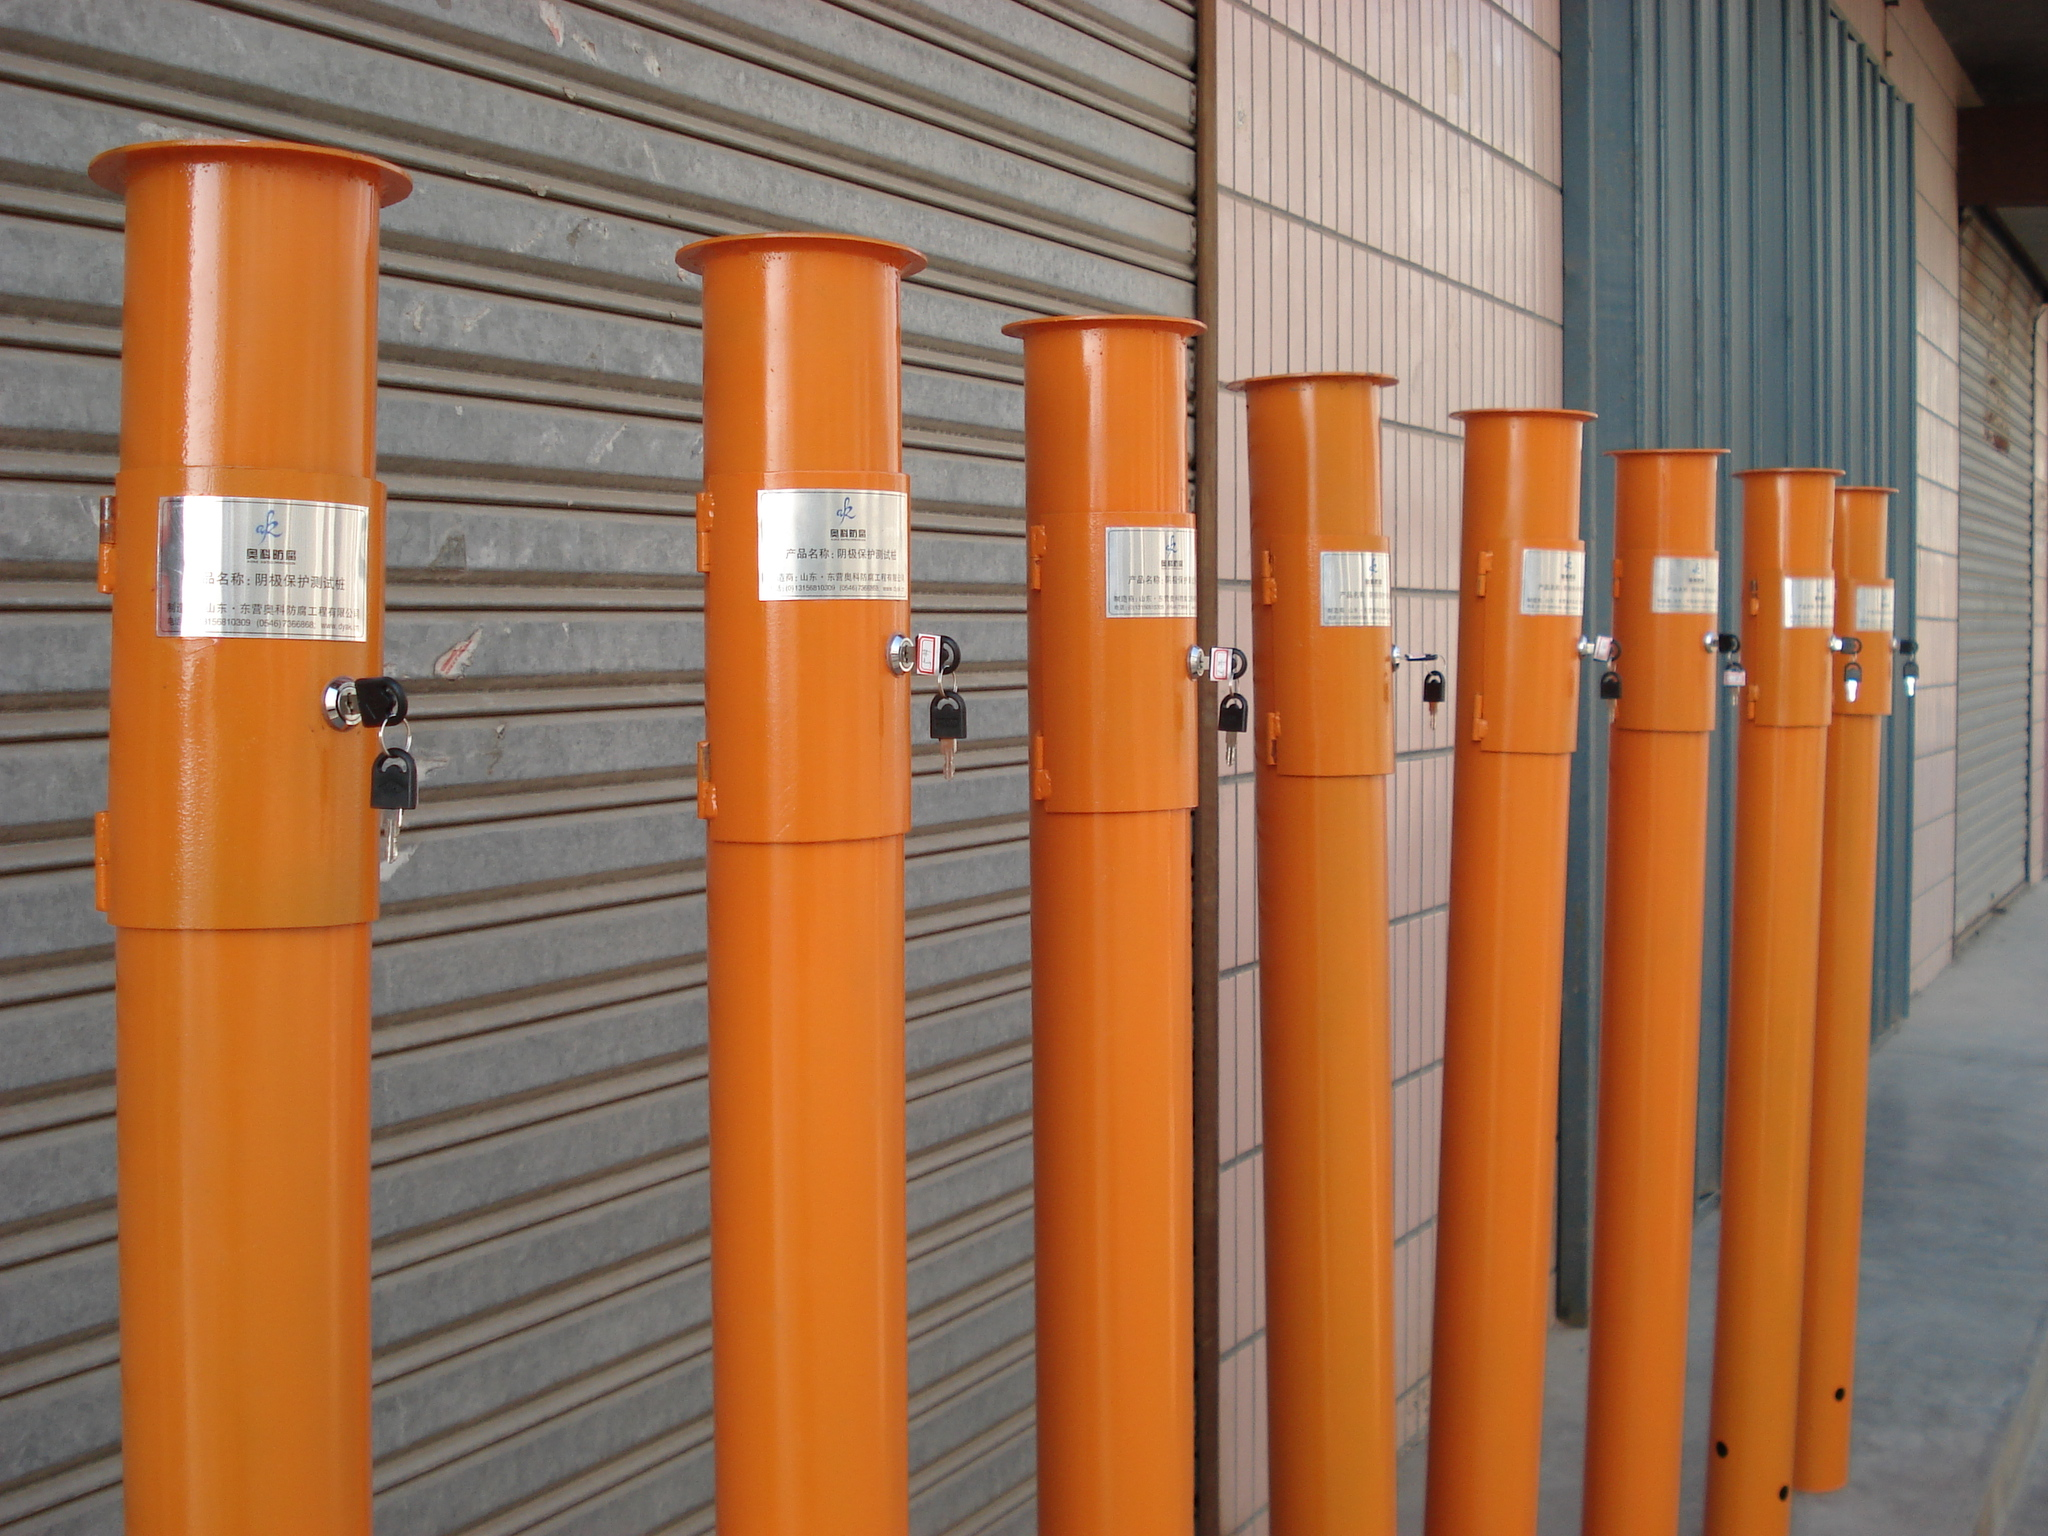 测试桩中的测试接线板是桩的核心,其测试功能就是根据接线板上的接线